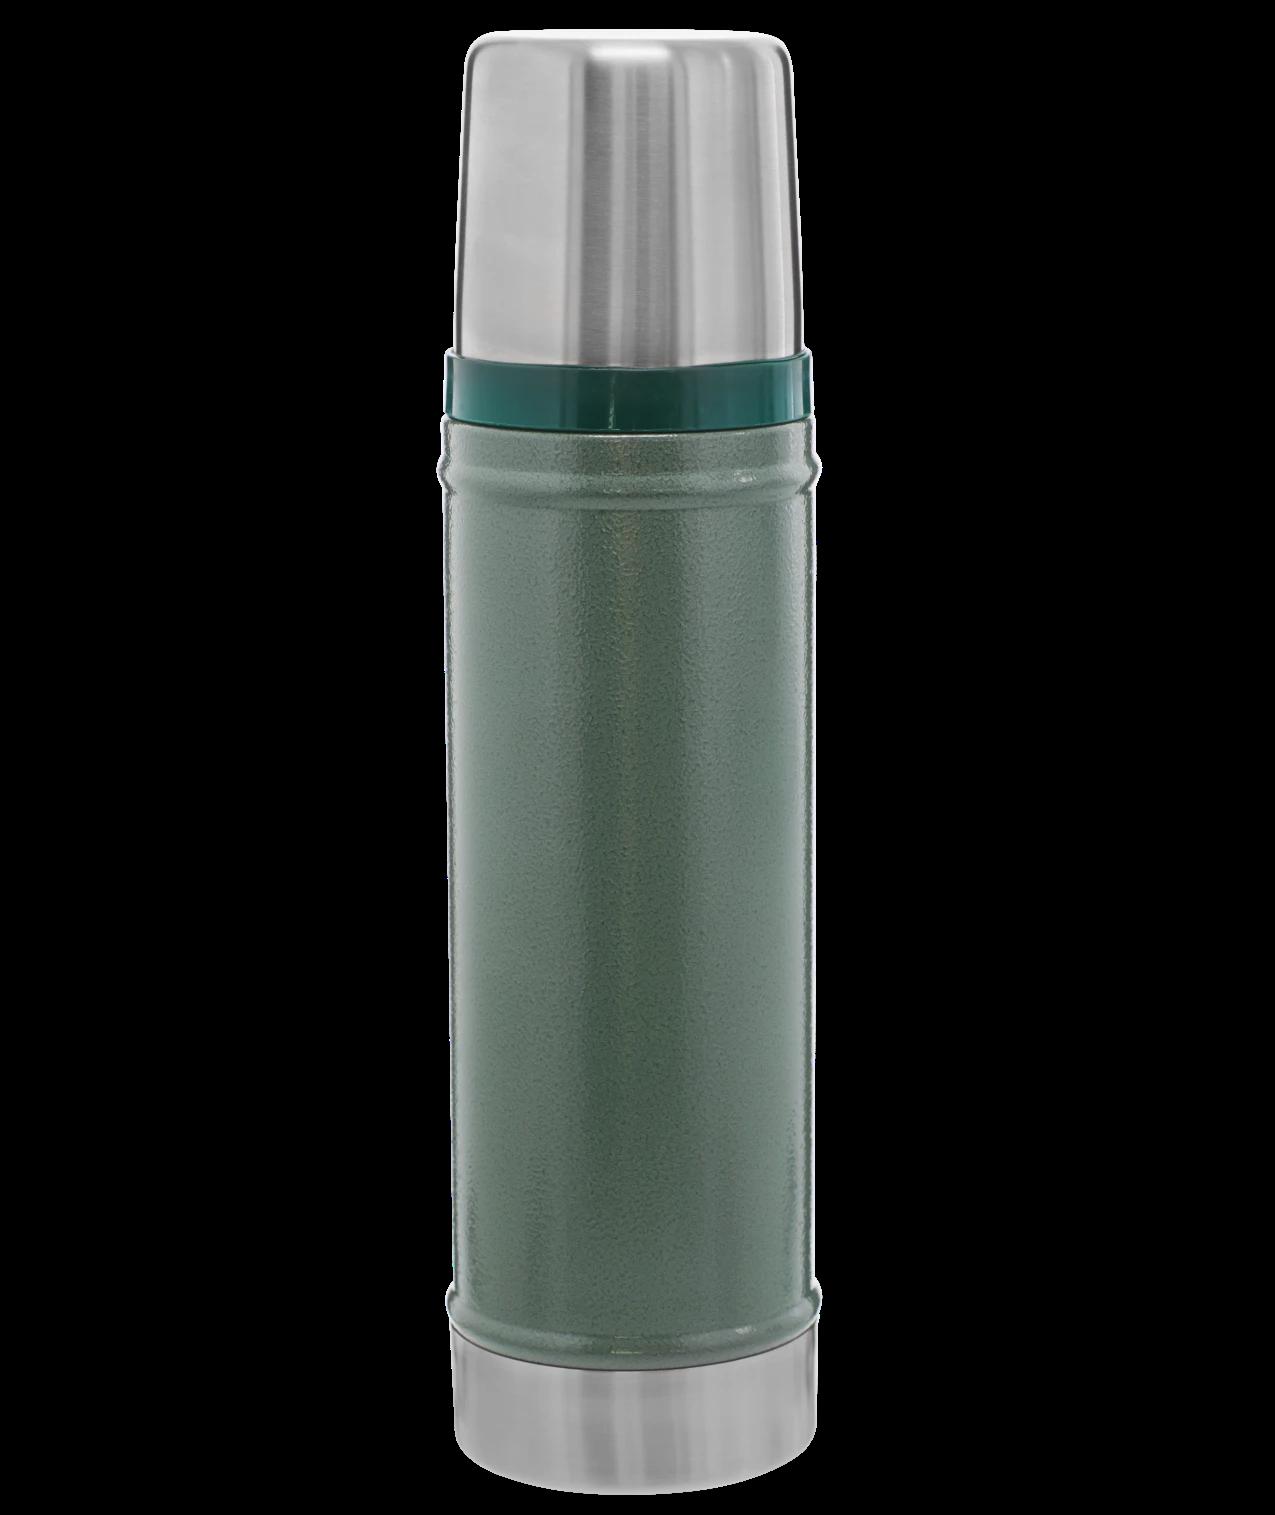 Bình Giữ Nhiệt Stanley Classic Legendary 600ml – Green